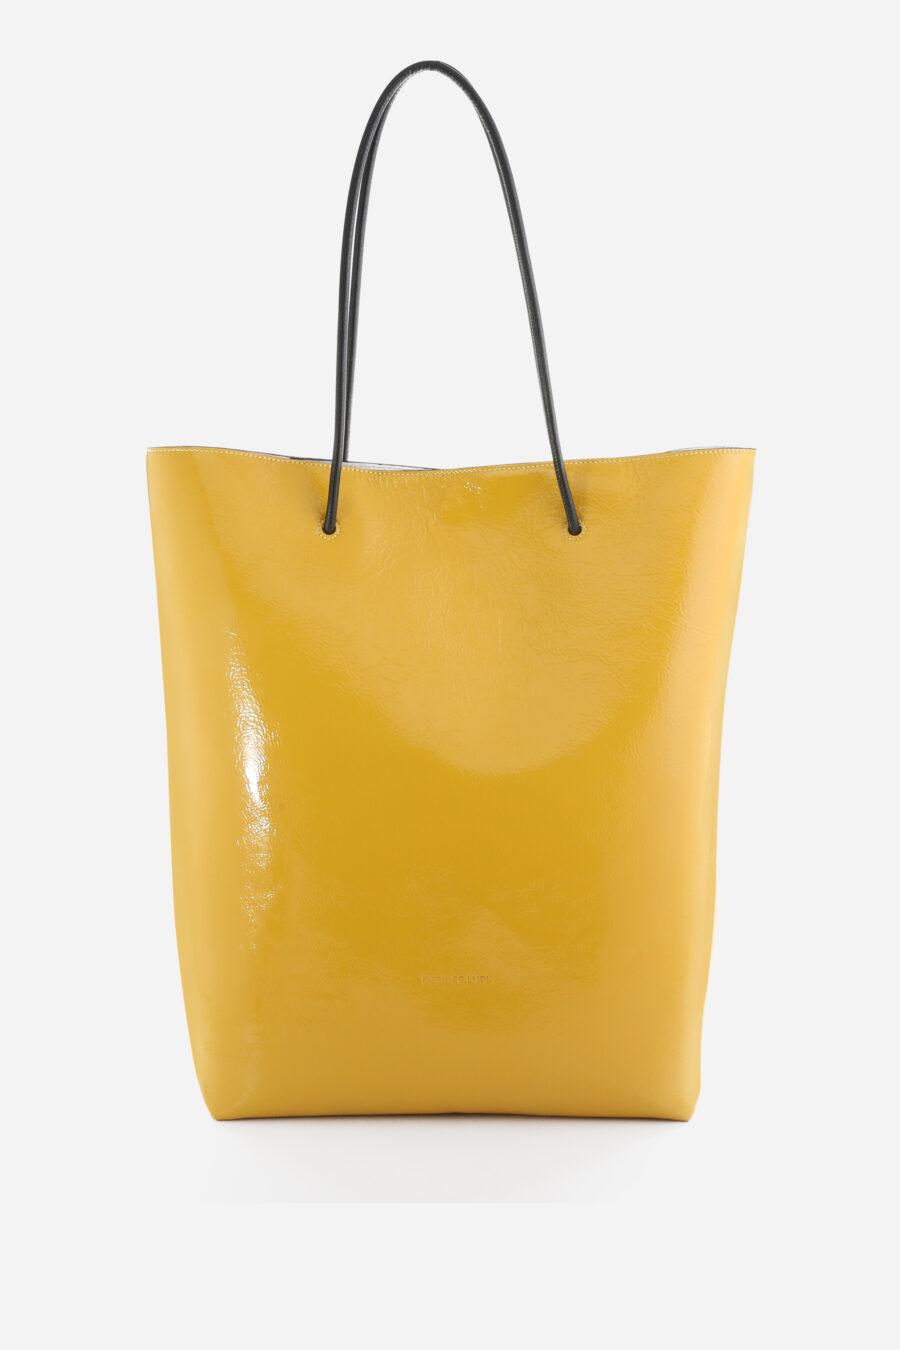 SHOPPING-BAG-KELLY-VERNICE-GIALLO_1